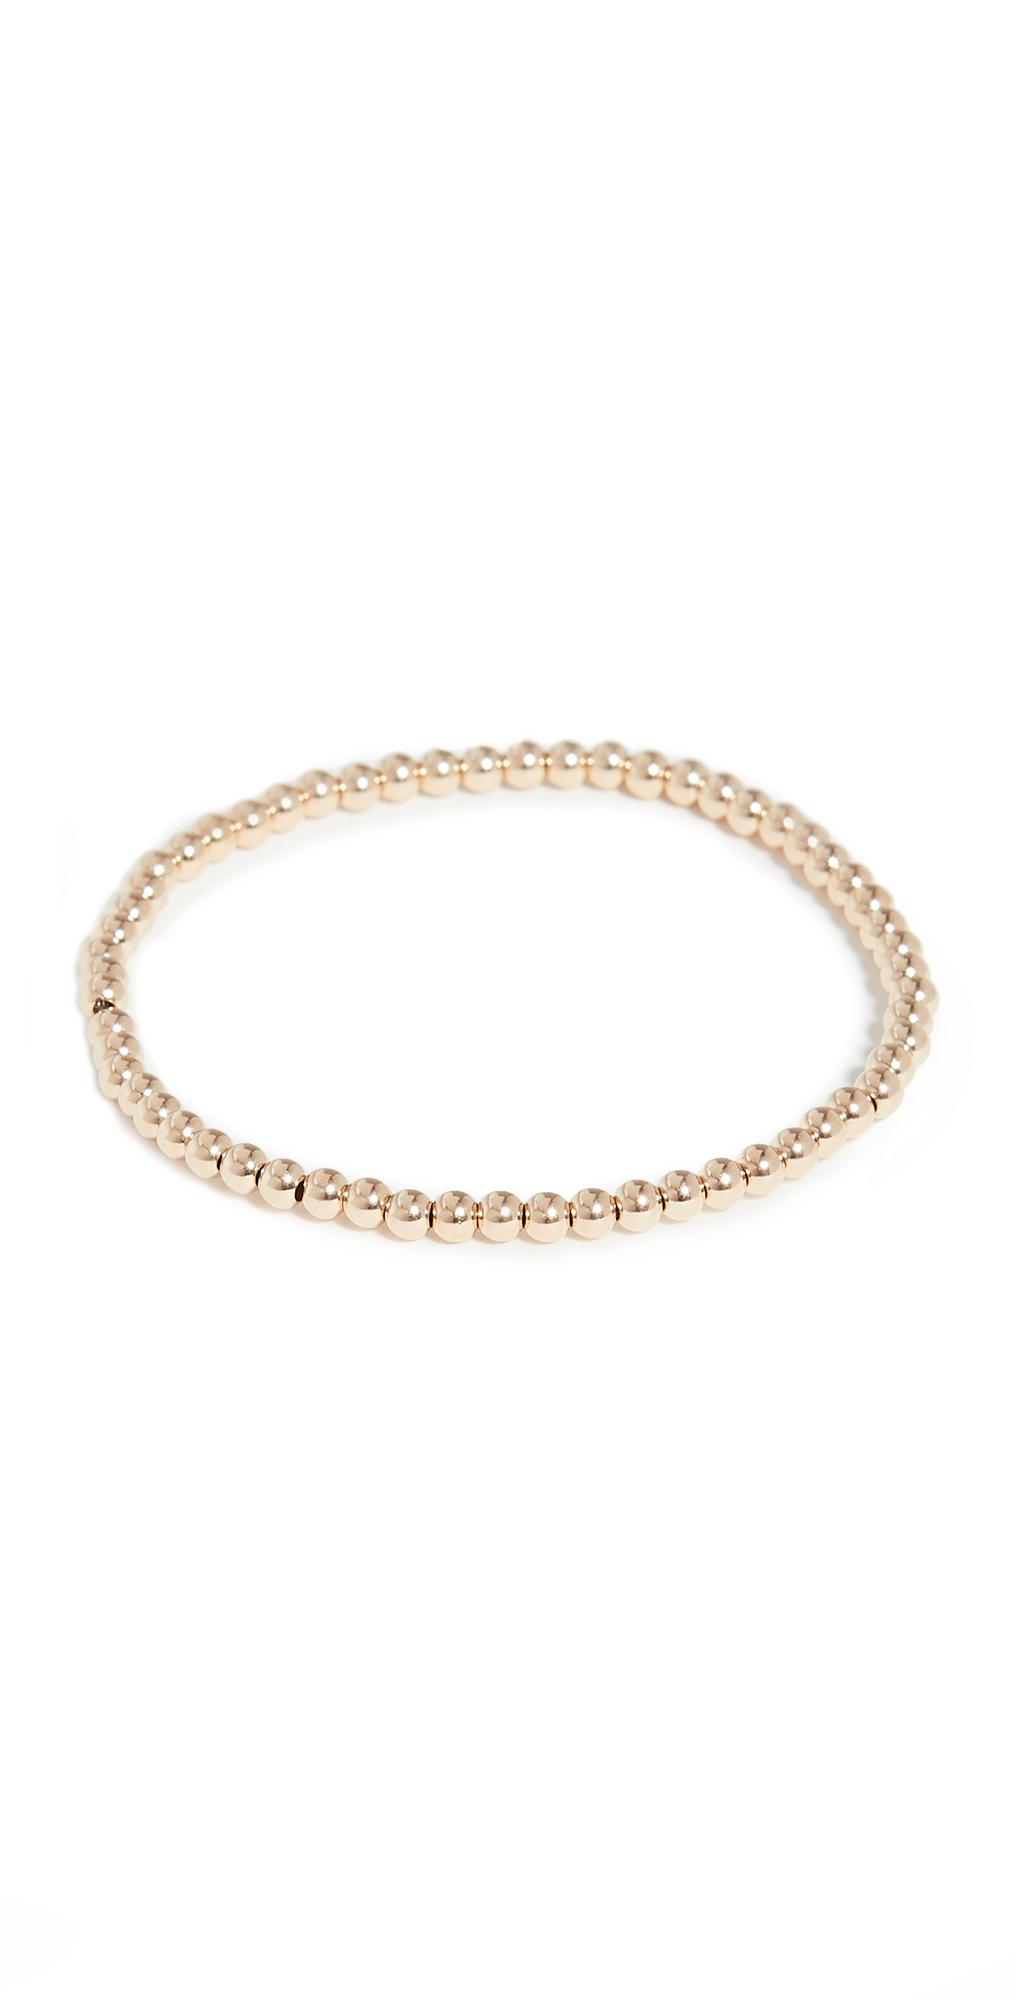 3mm Gold Bracelet